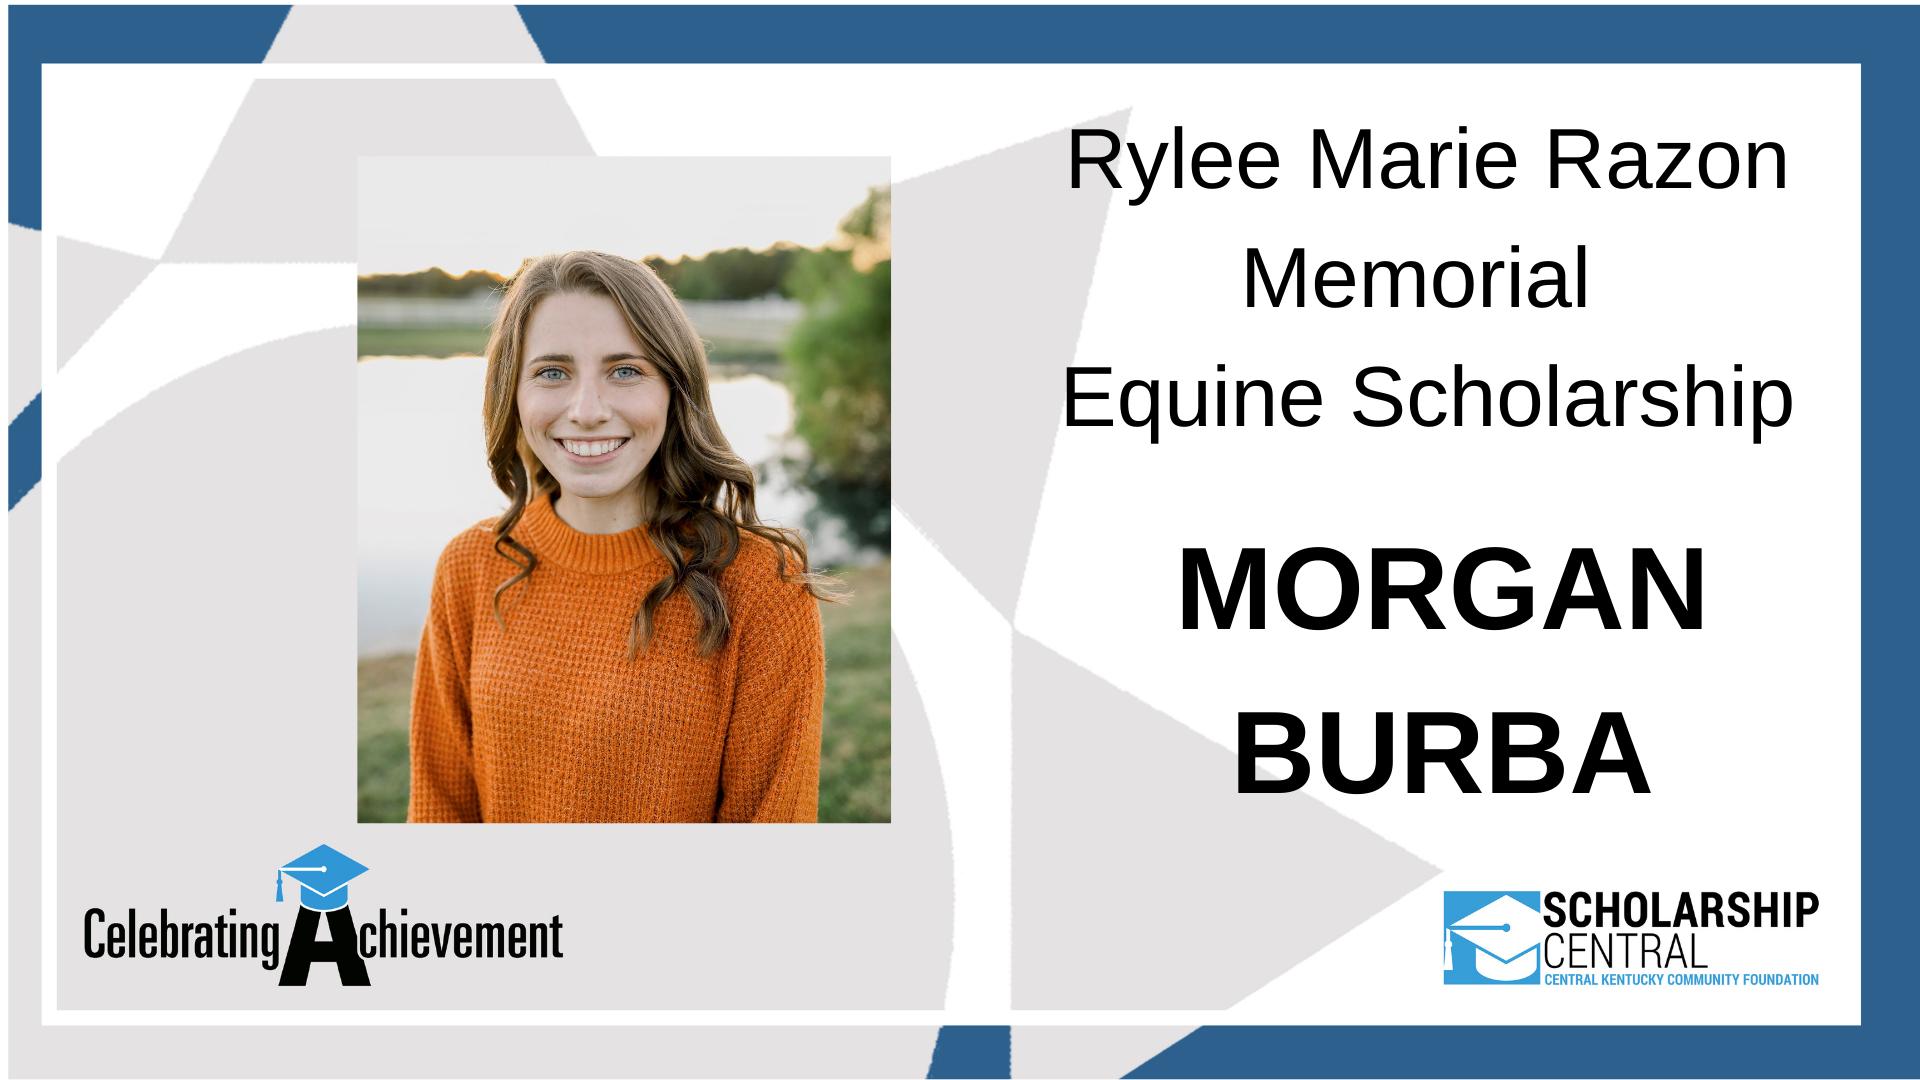 Rylee Marie Razon Memorial Equine Scholarship Winner